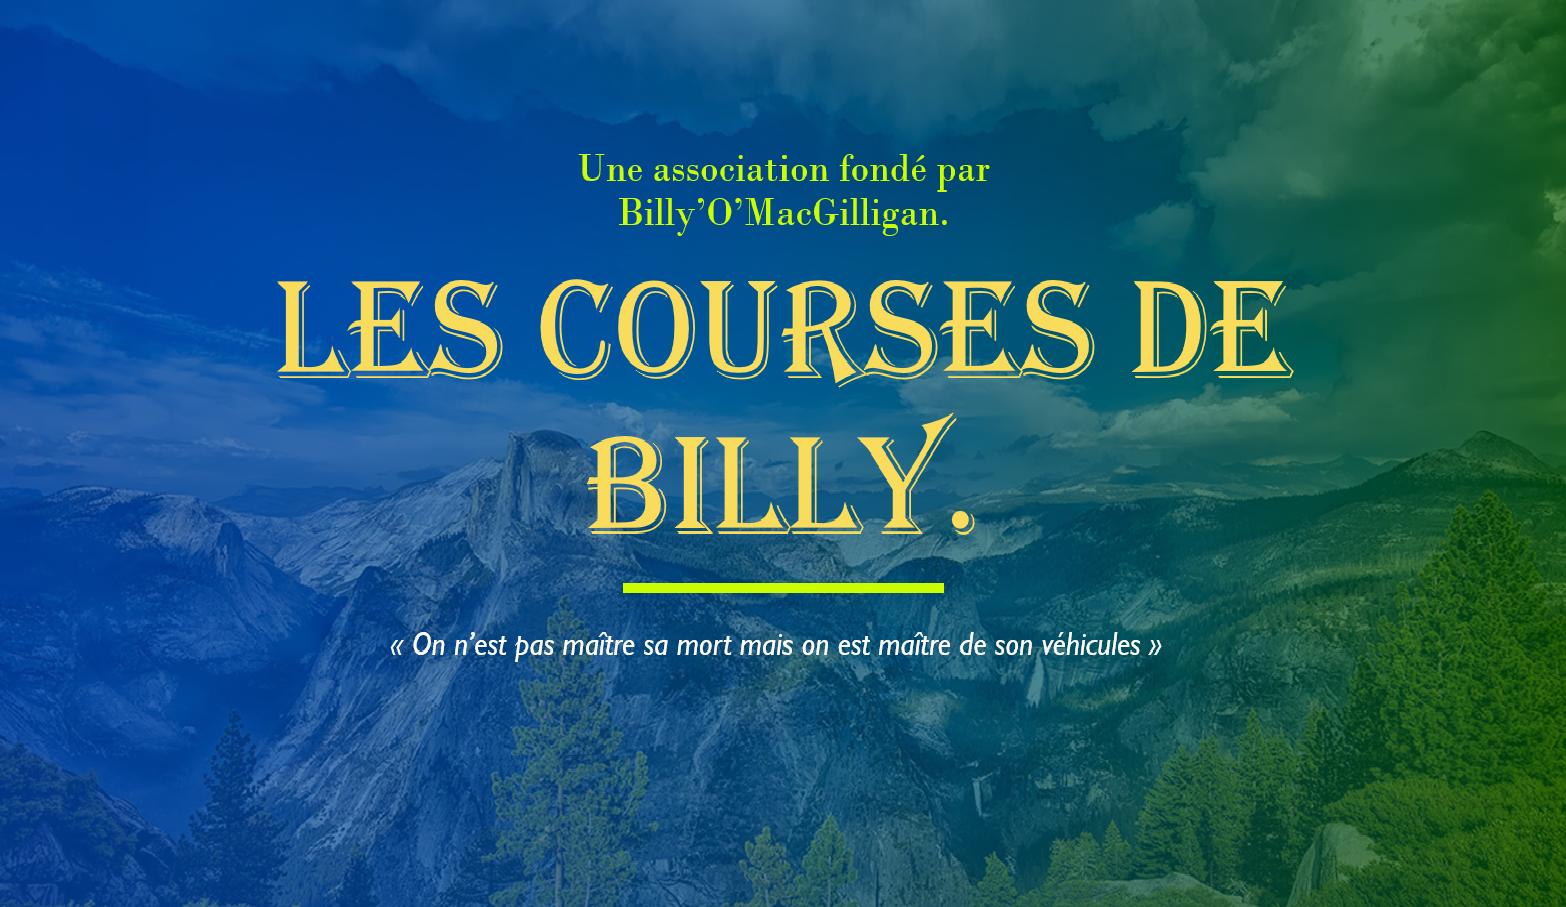 Les course de Billy 1.png